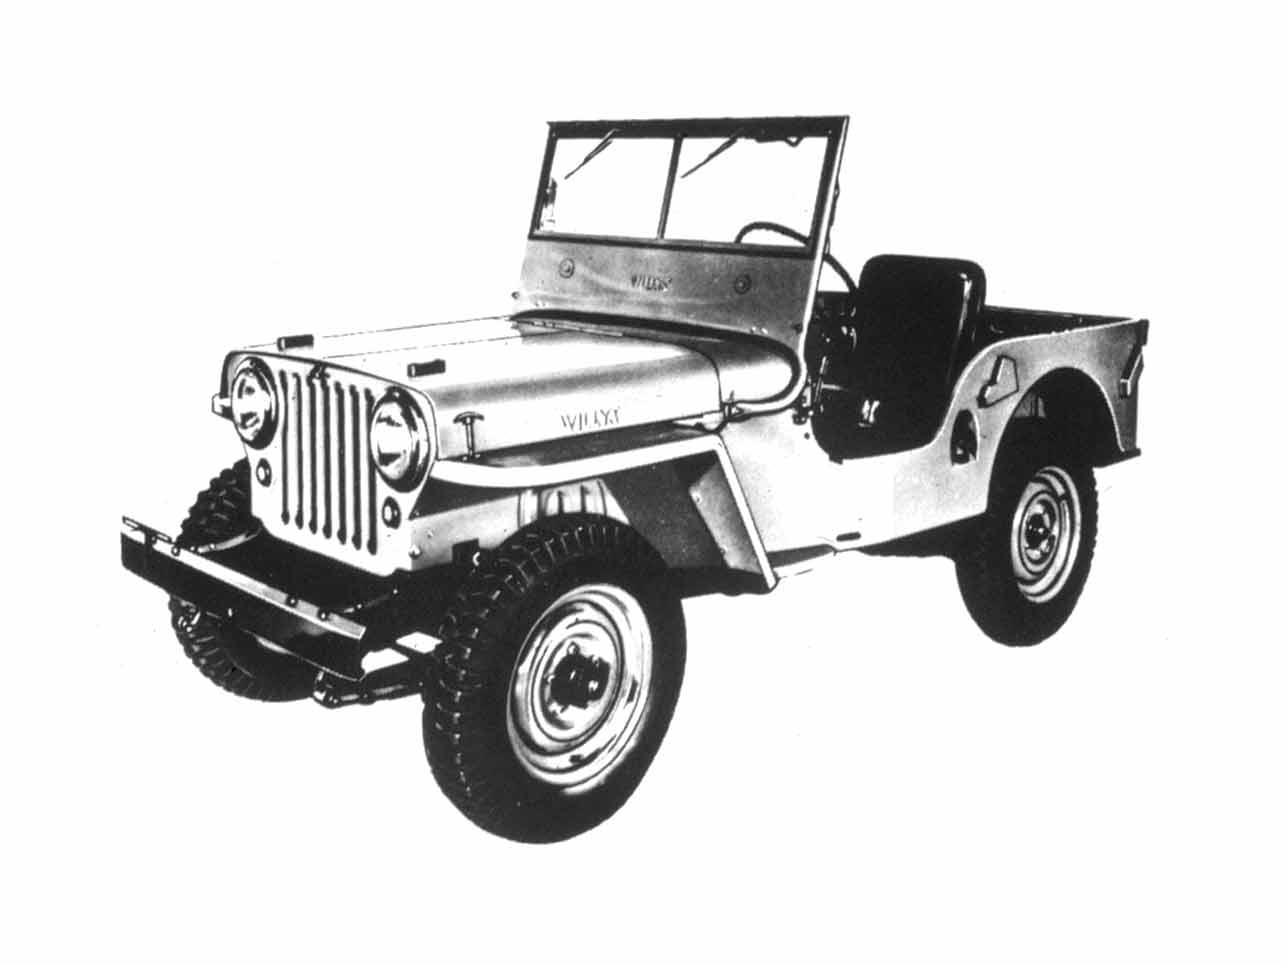 [h3]1945 – 1949, Willys Jeep CJ-2A[/h3] Die Jeep-Zivilversion (Civilian Jeep) war bereits eine Urform des Freizeitautos